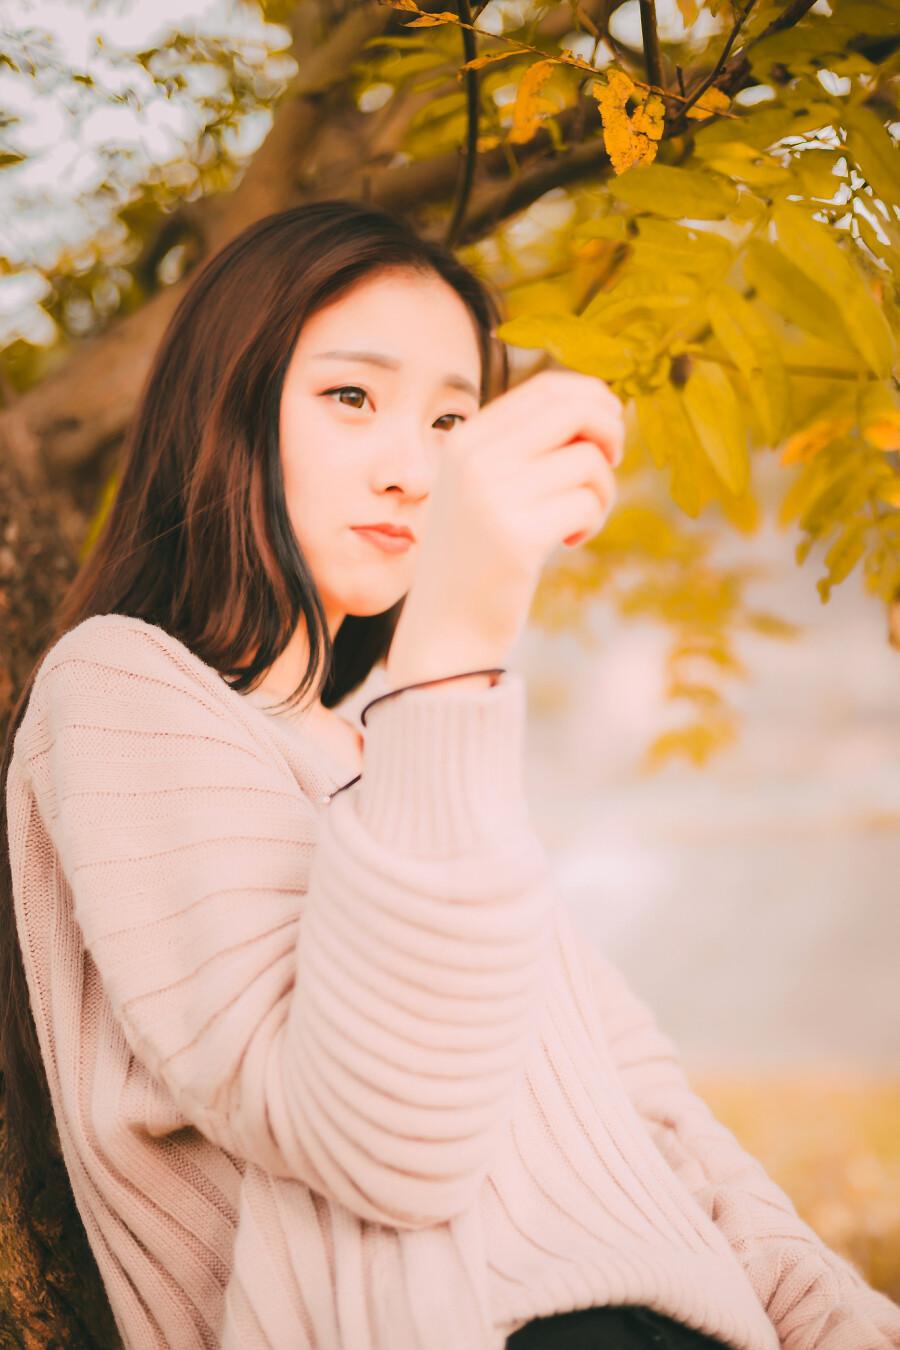 梦 在 远 方,而 你 在 心上【情感美文】 - 花仙子 - 花仙子的博客